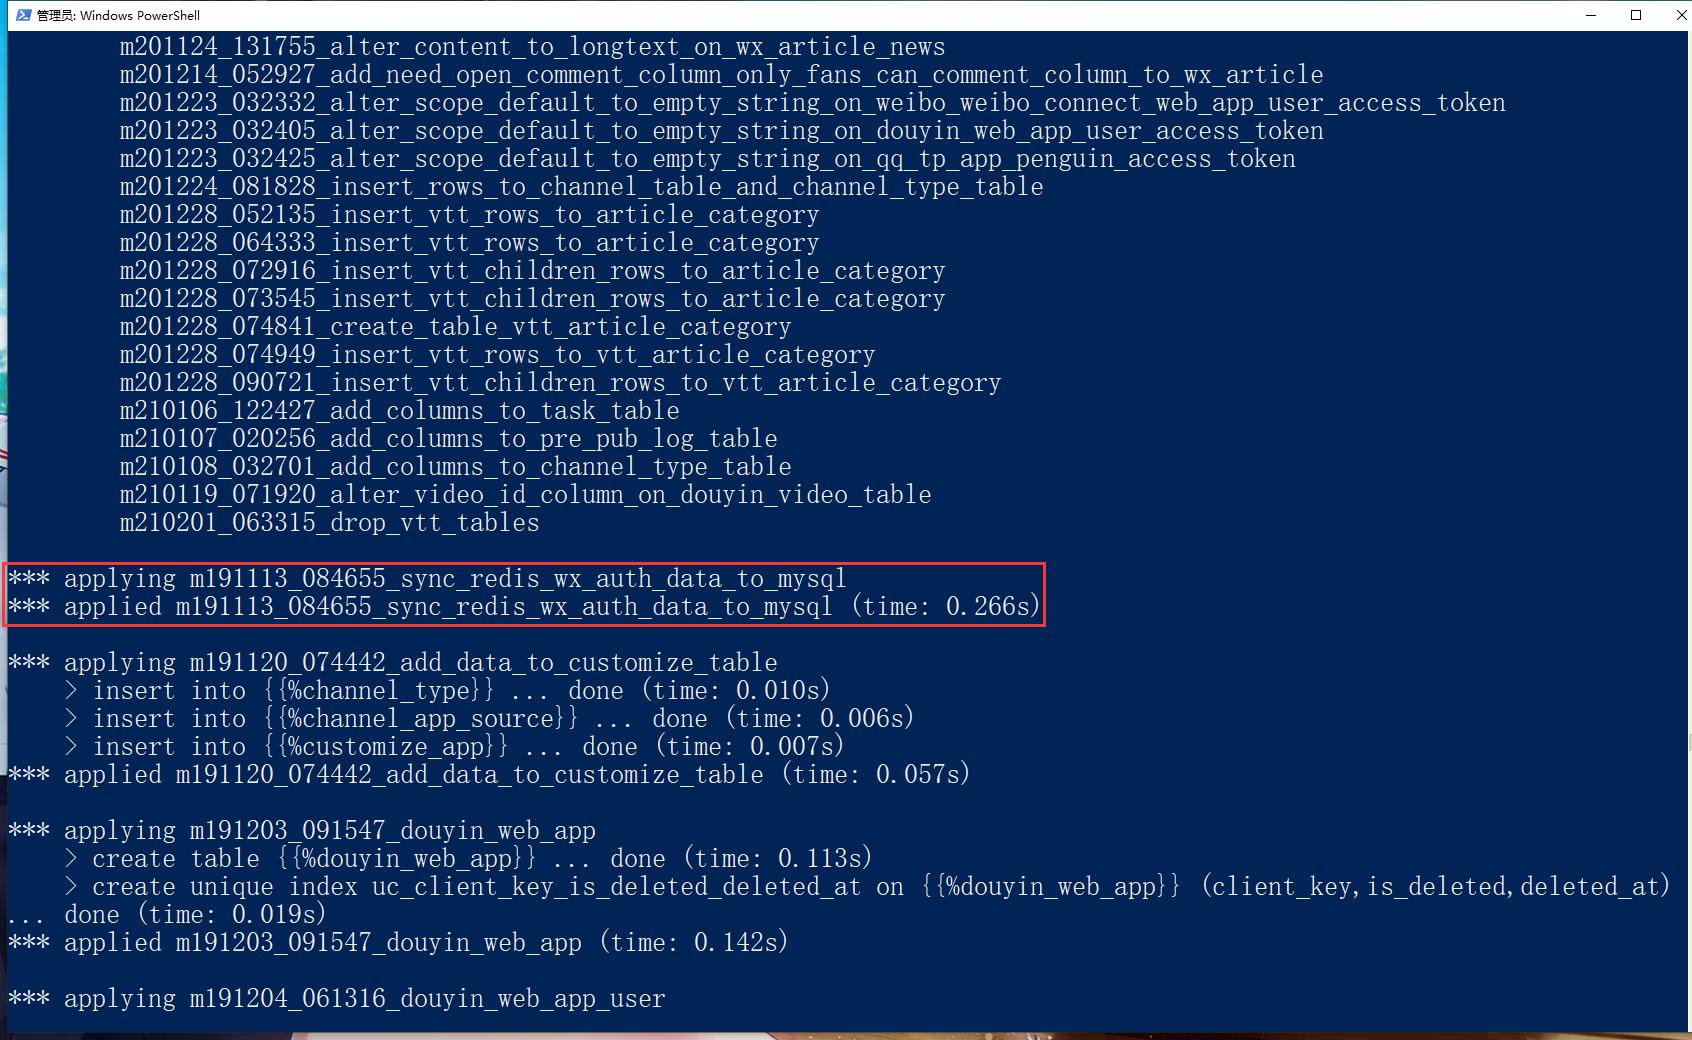 在 Yii 2.0 的数据库迁移时迁移成功。